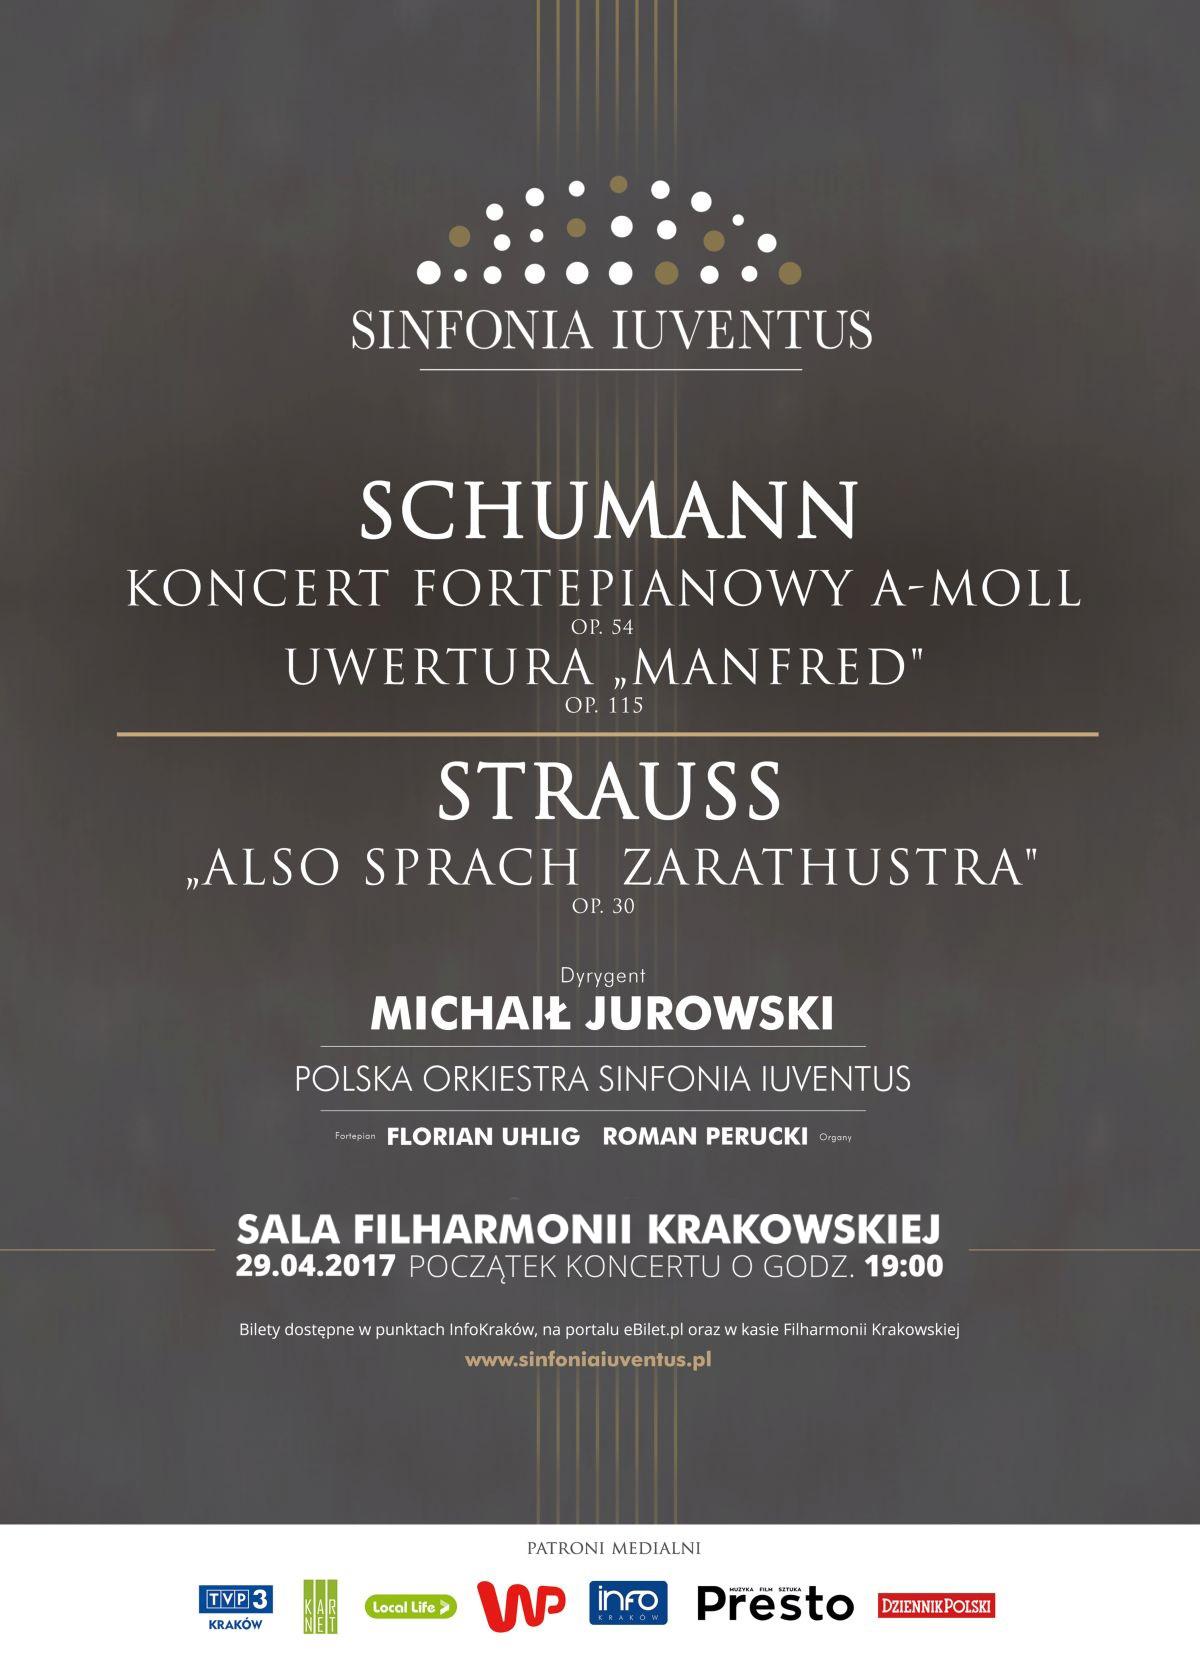 Wyjątkowy koncert Sinfonii Iuventus już 29. kwietnia!